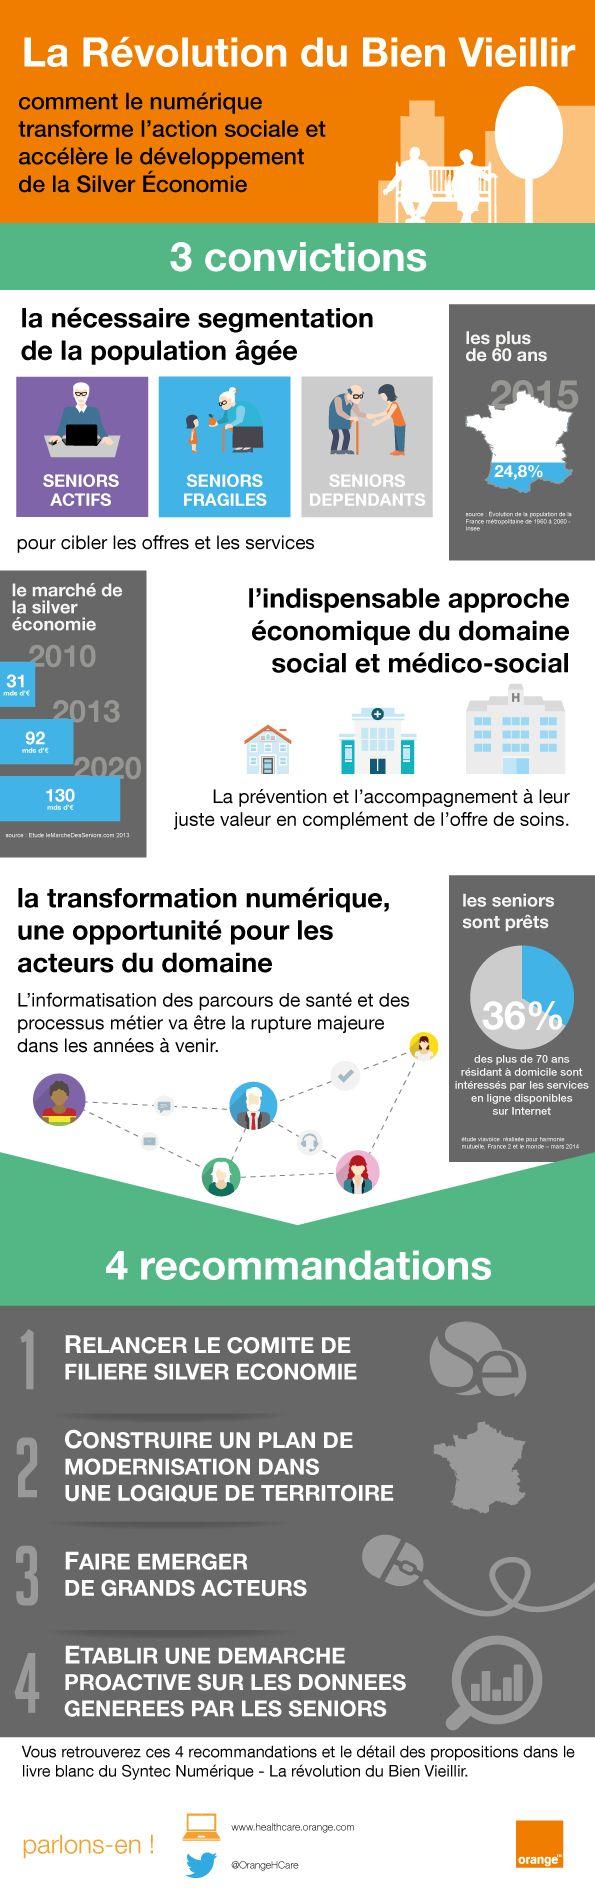 [Infographie] la révolution du bien vieillir  Le vieillissement de la population est une réalité en France comme partout dans le monde. Pour autant, le marché de la Silver Economie peine à se développer encore aujourd'hui.